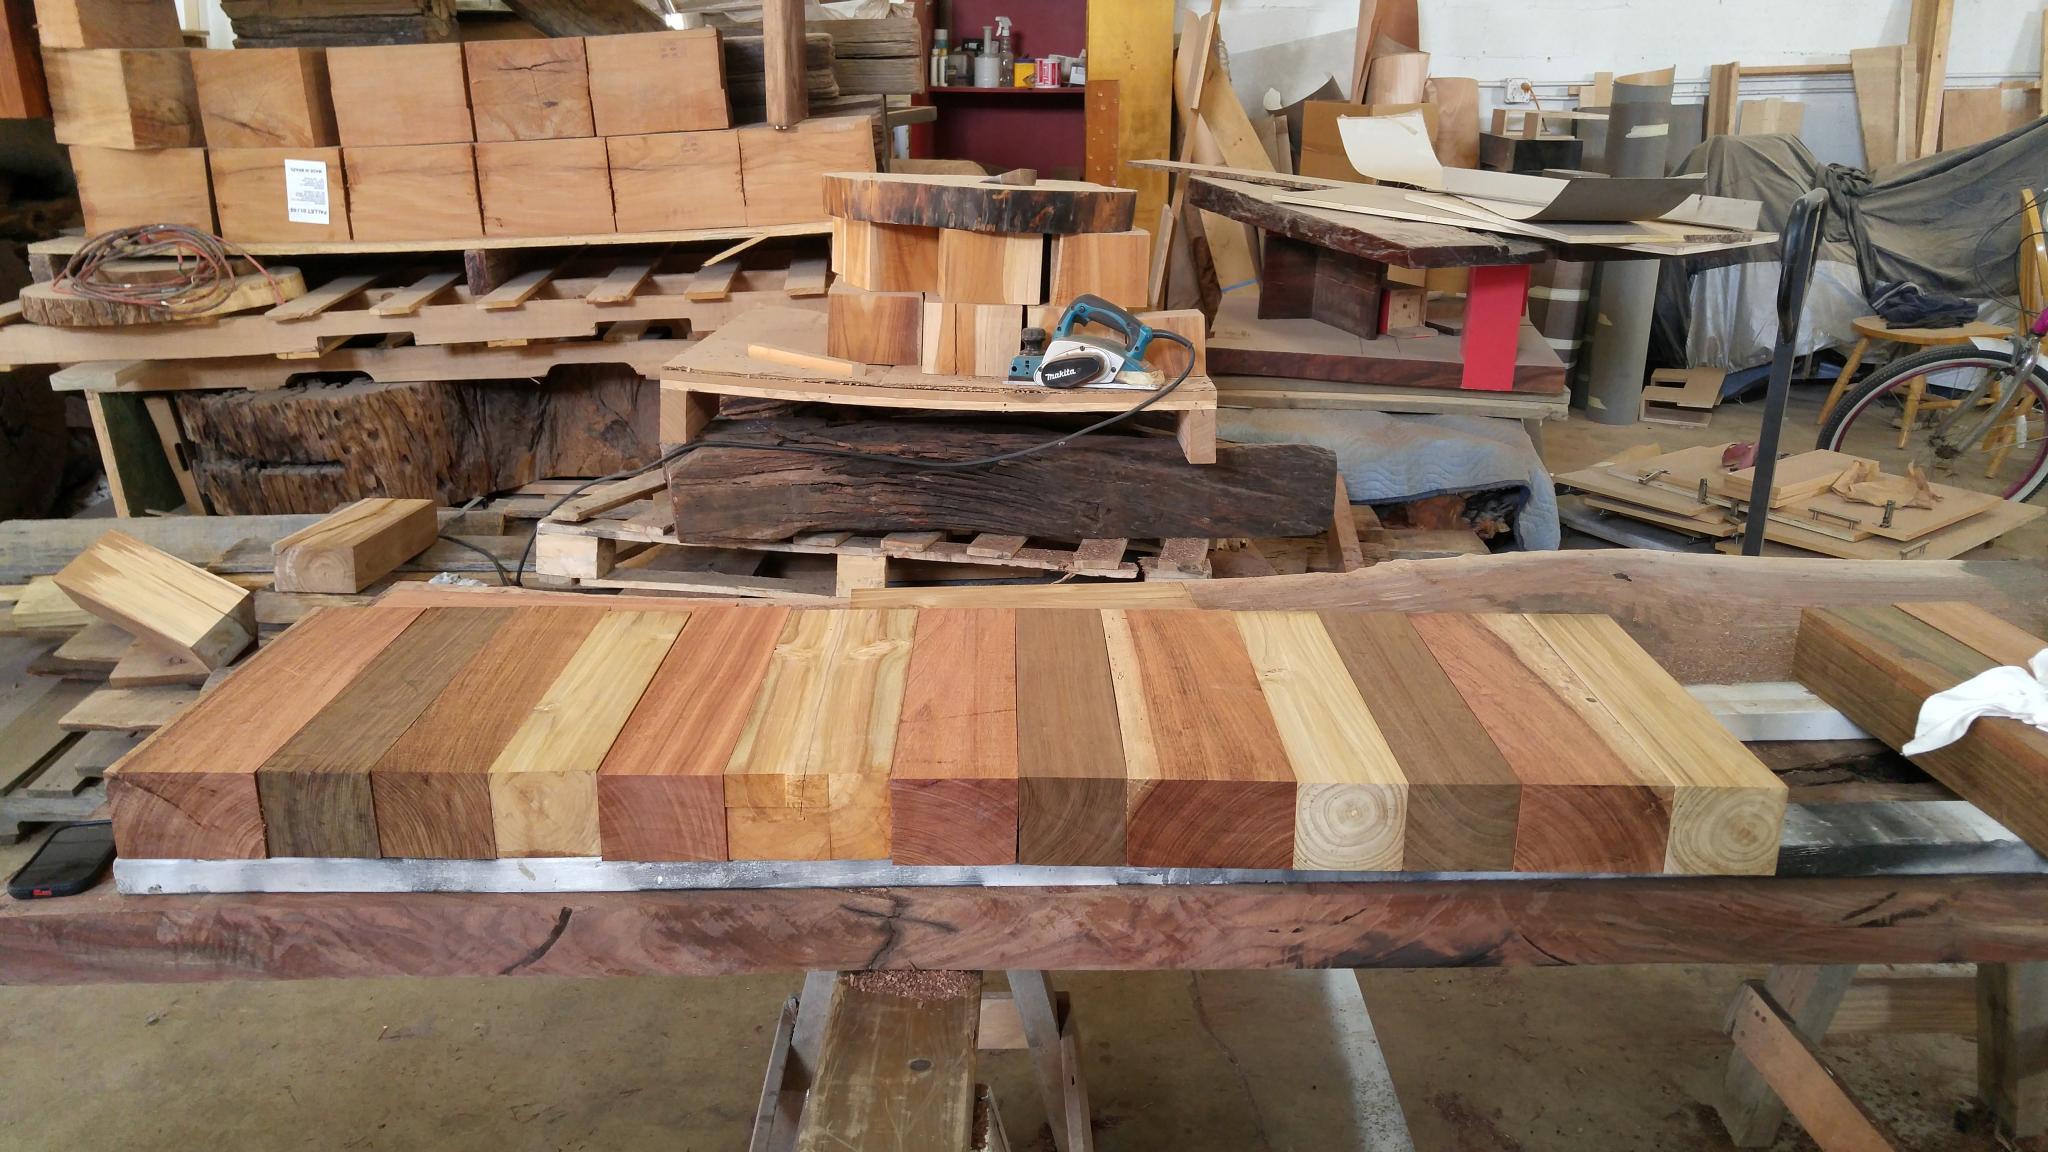 rotsen furniture-miami interior design